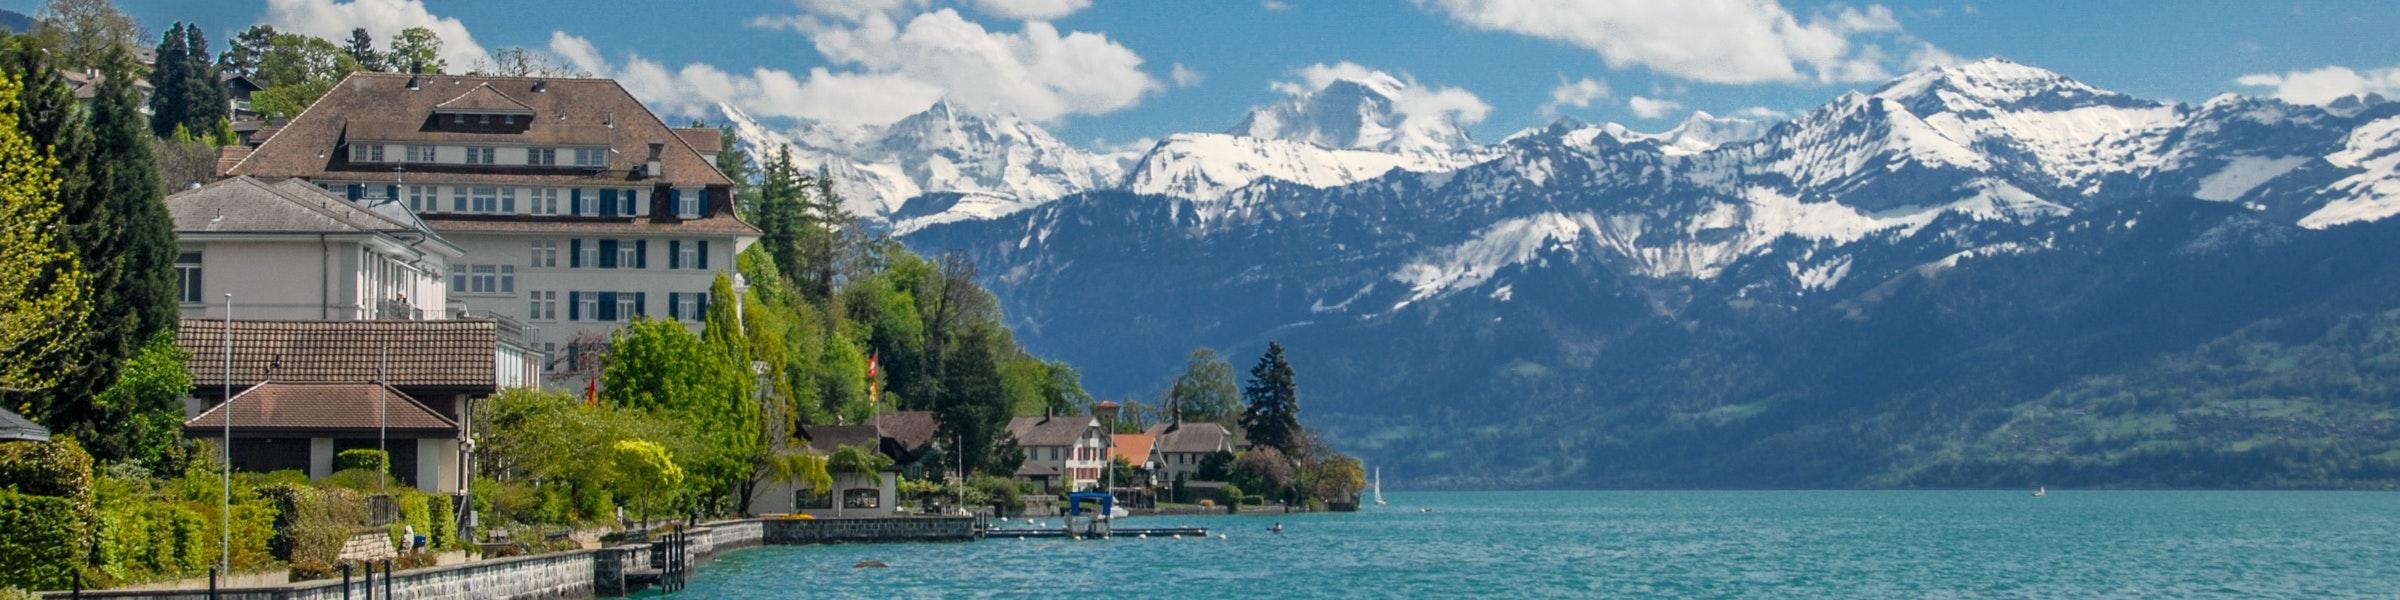 Lake Thun from Hilterfingen